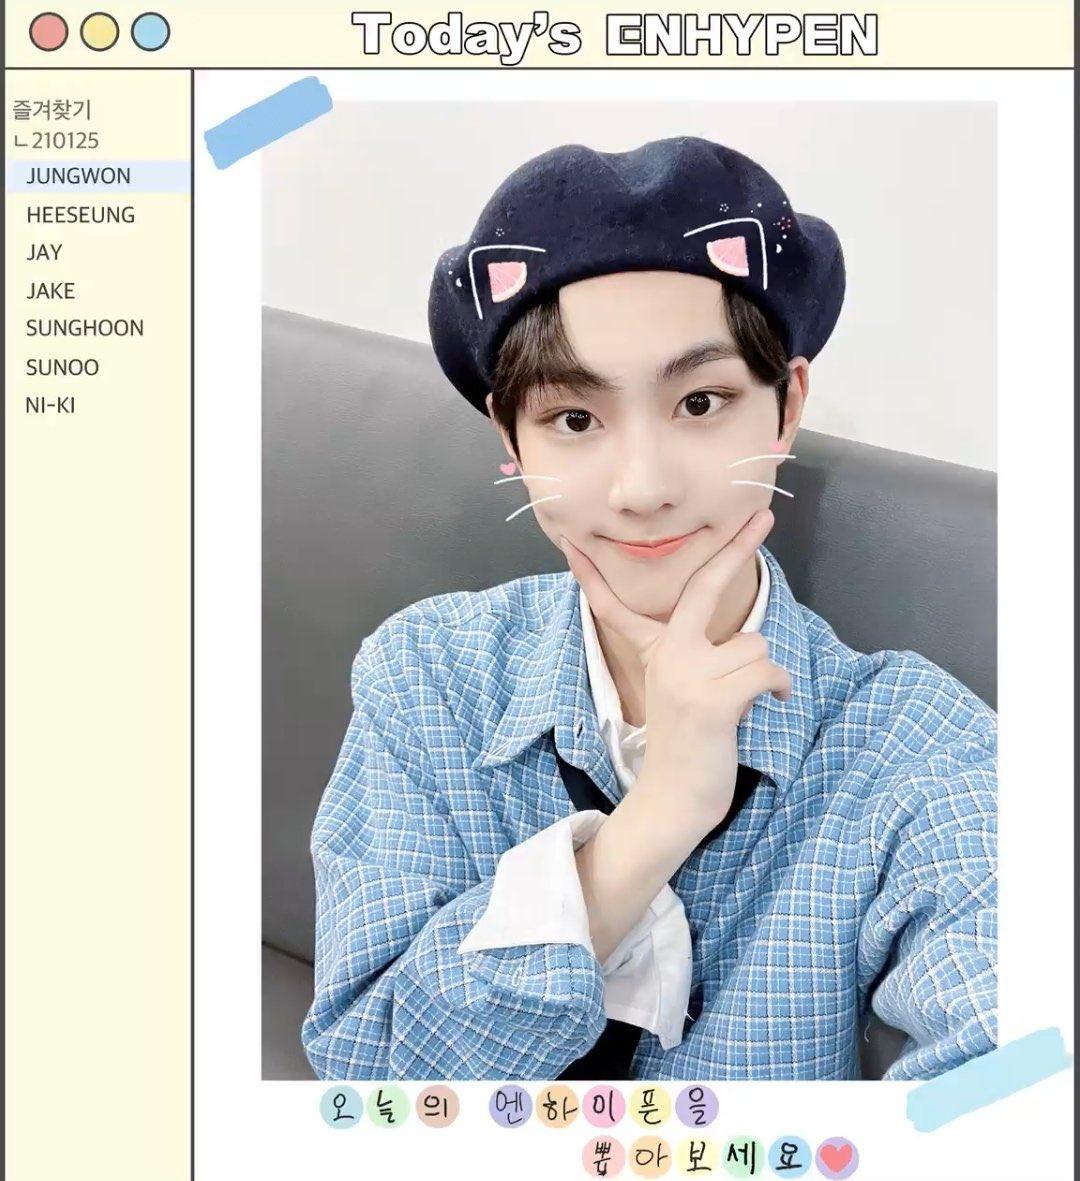 [📸] 210125 | ENHYPEN Twitter Update | Jungwon Capture  #ENHYPEN #엔하이픈 #ENHYPEN_JUNGWON #엔하이픈정원 #JUNGWON #정원  🌙